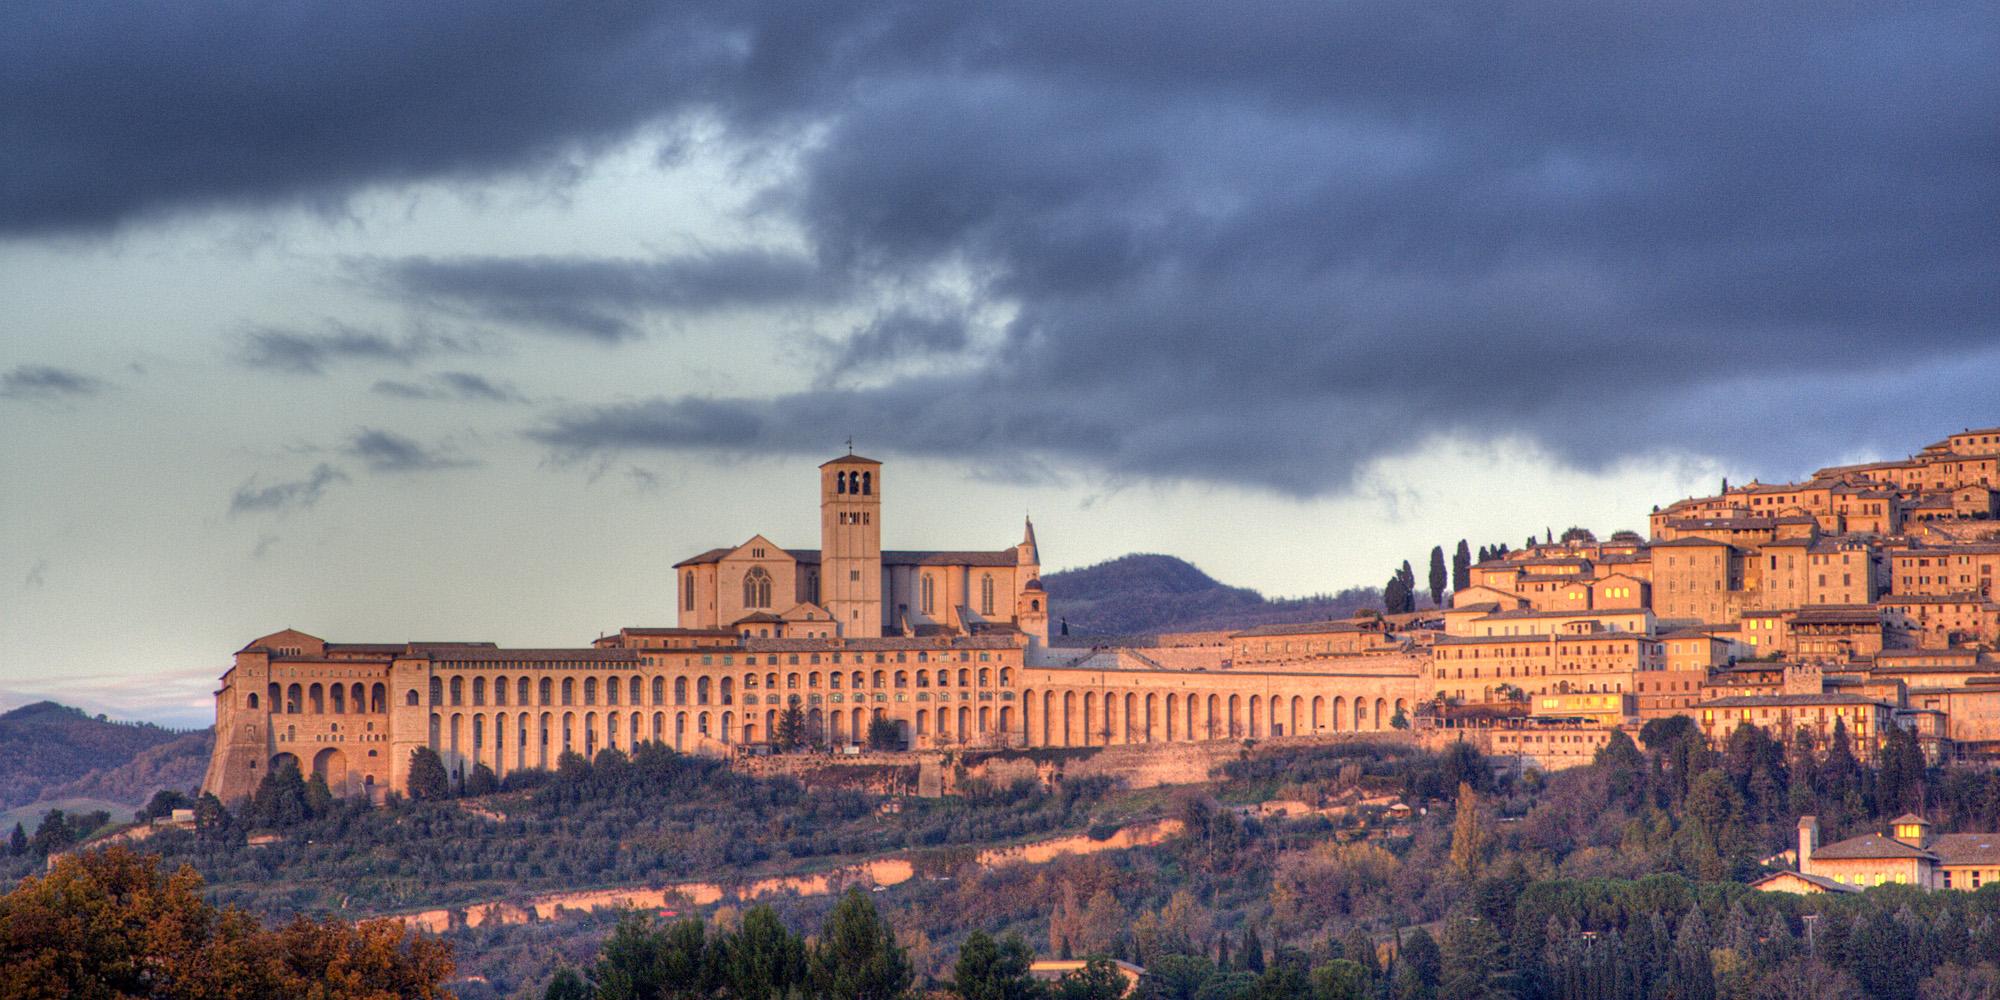 Un'alleanza per il clima. Nada Forbici, presidente di Assofloro, tra i primi firmatari del Manifesto di Assisi